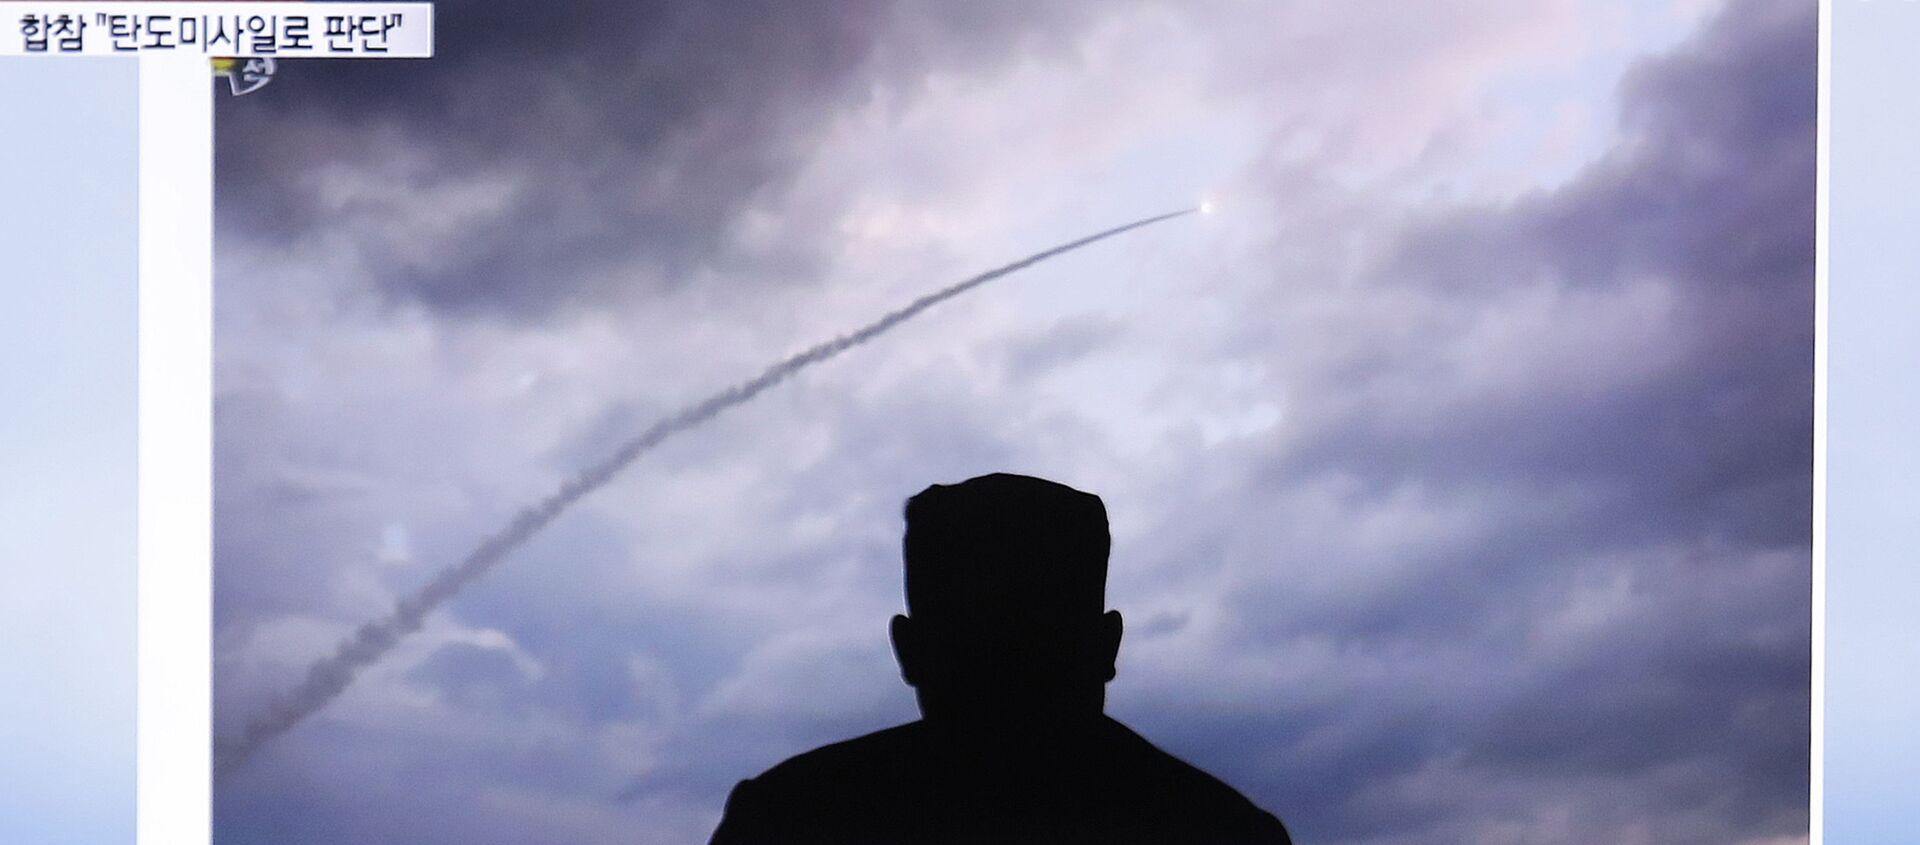 北朝鮮のロケット実験(アーカイブ写真) - Sputnik 日本, 1920, 11.09.2021